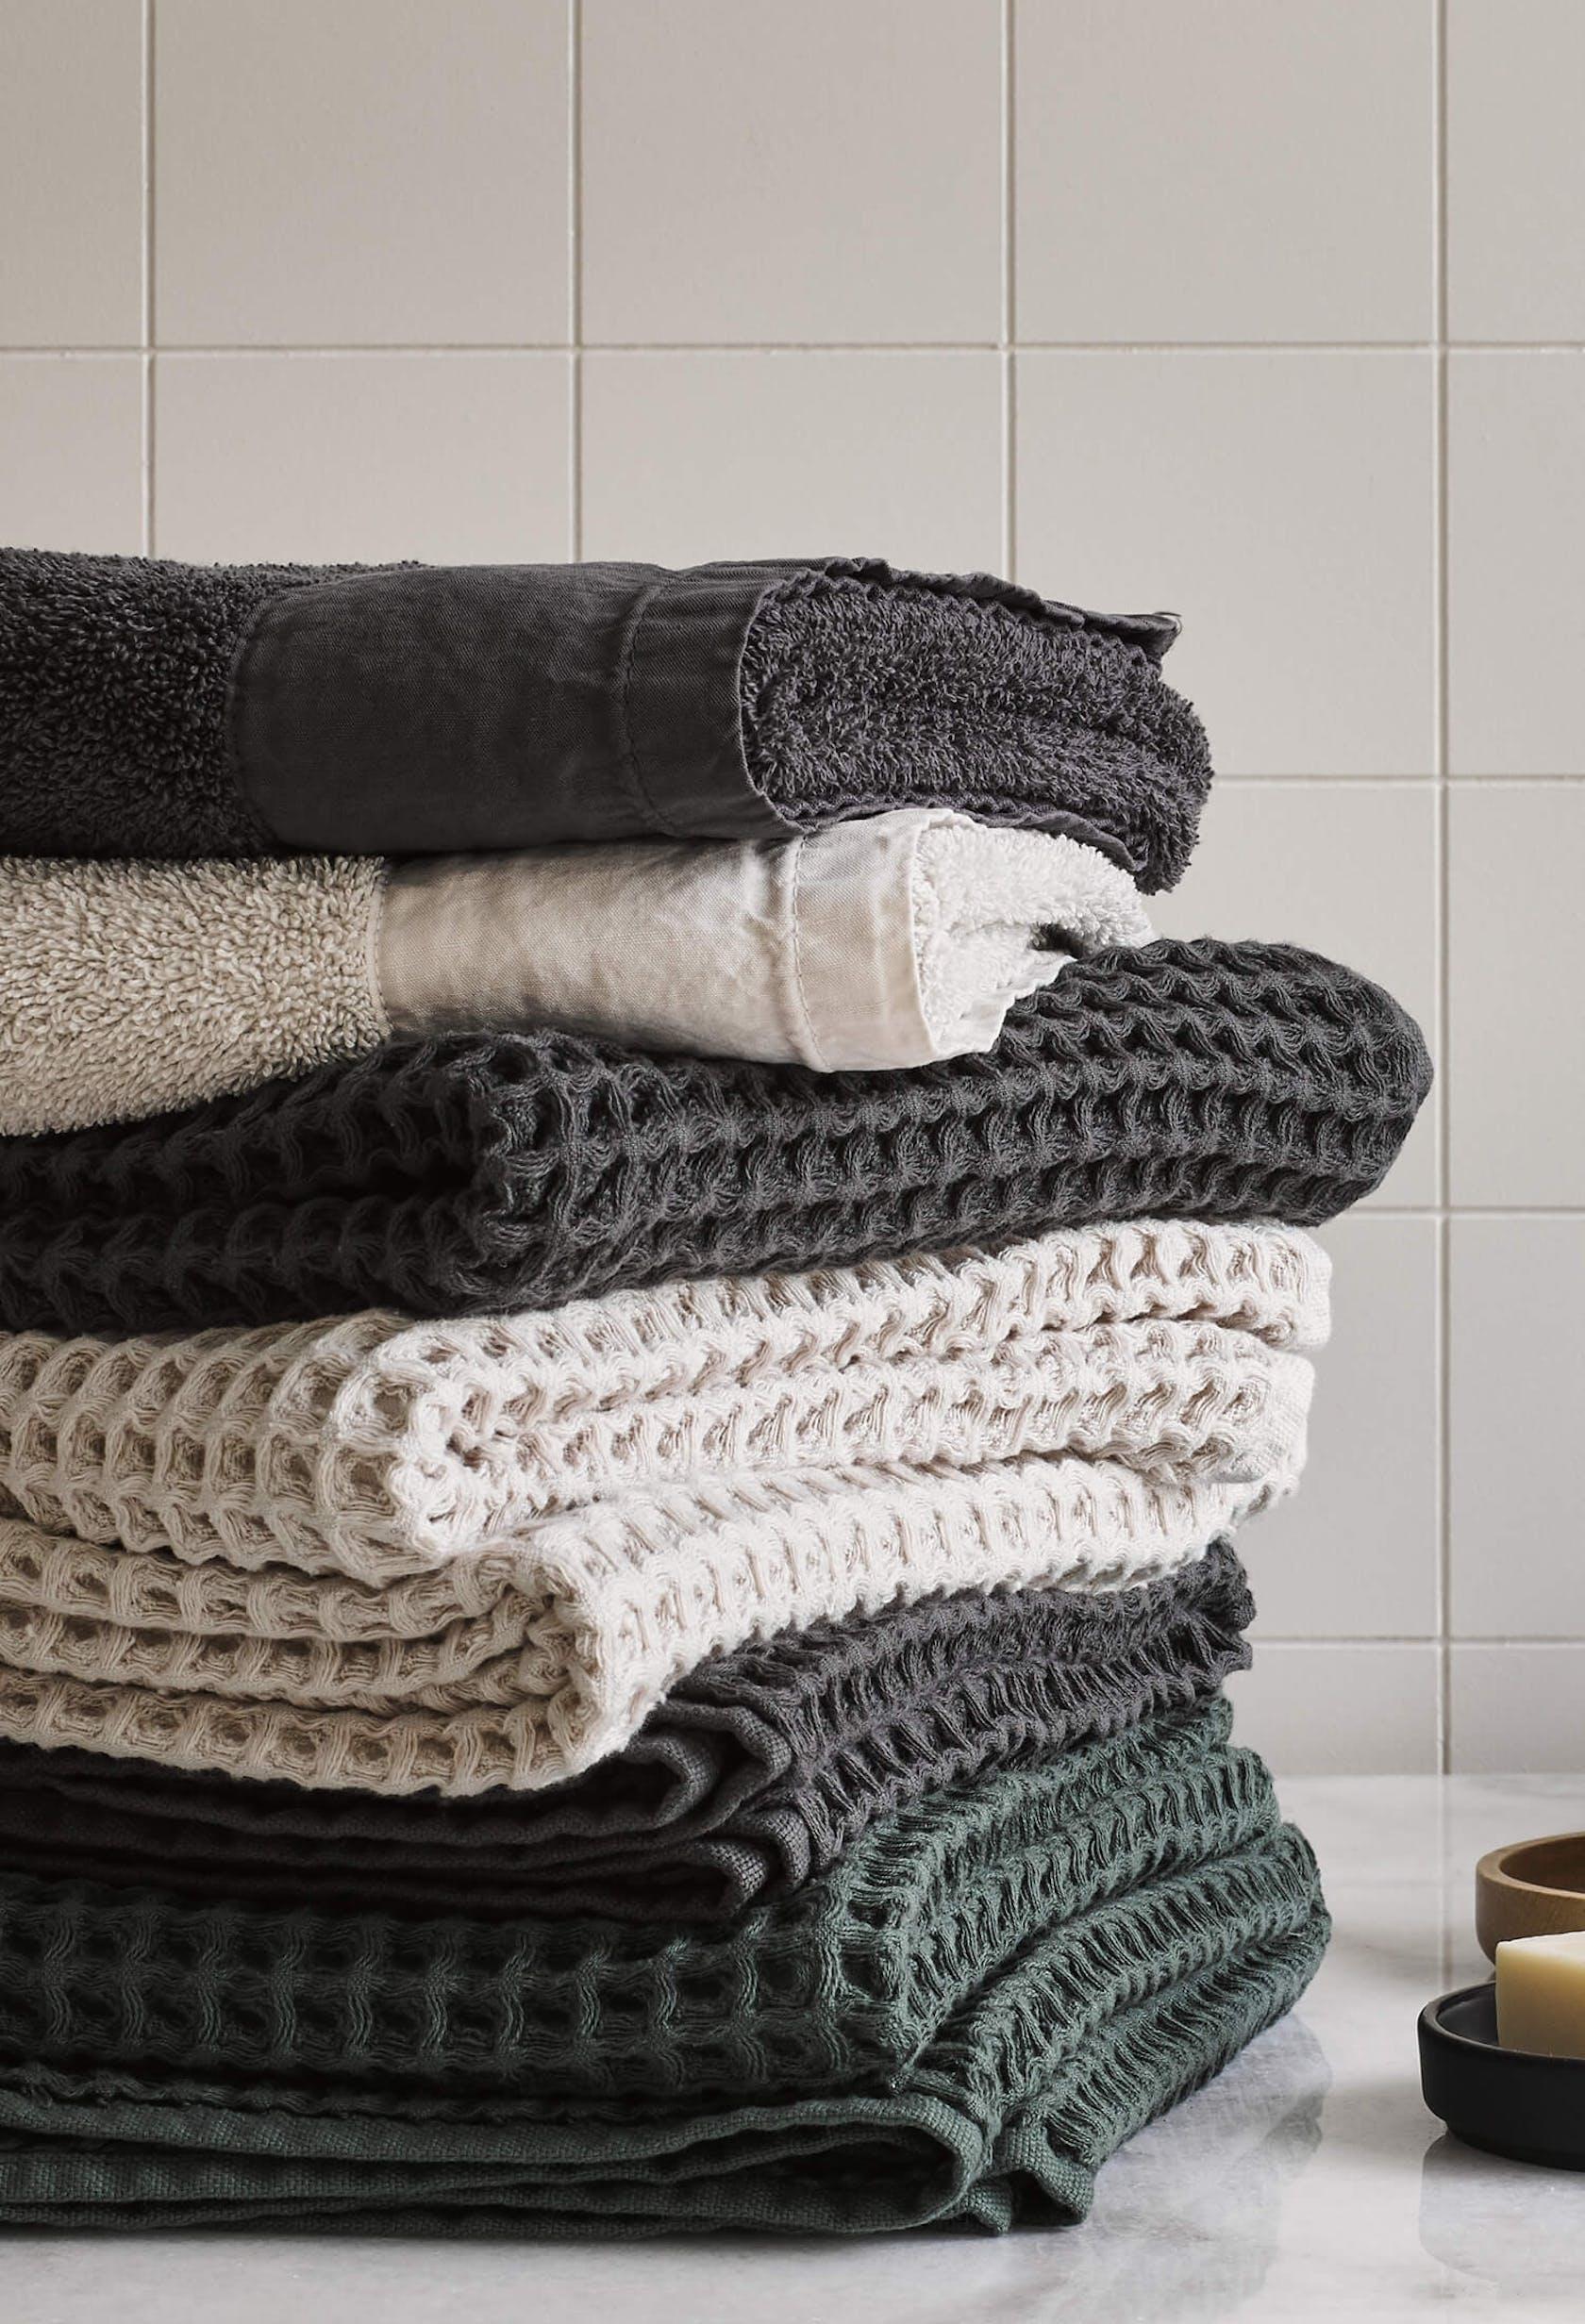 MARC O'POLO Towels